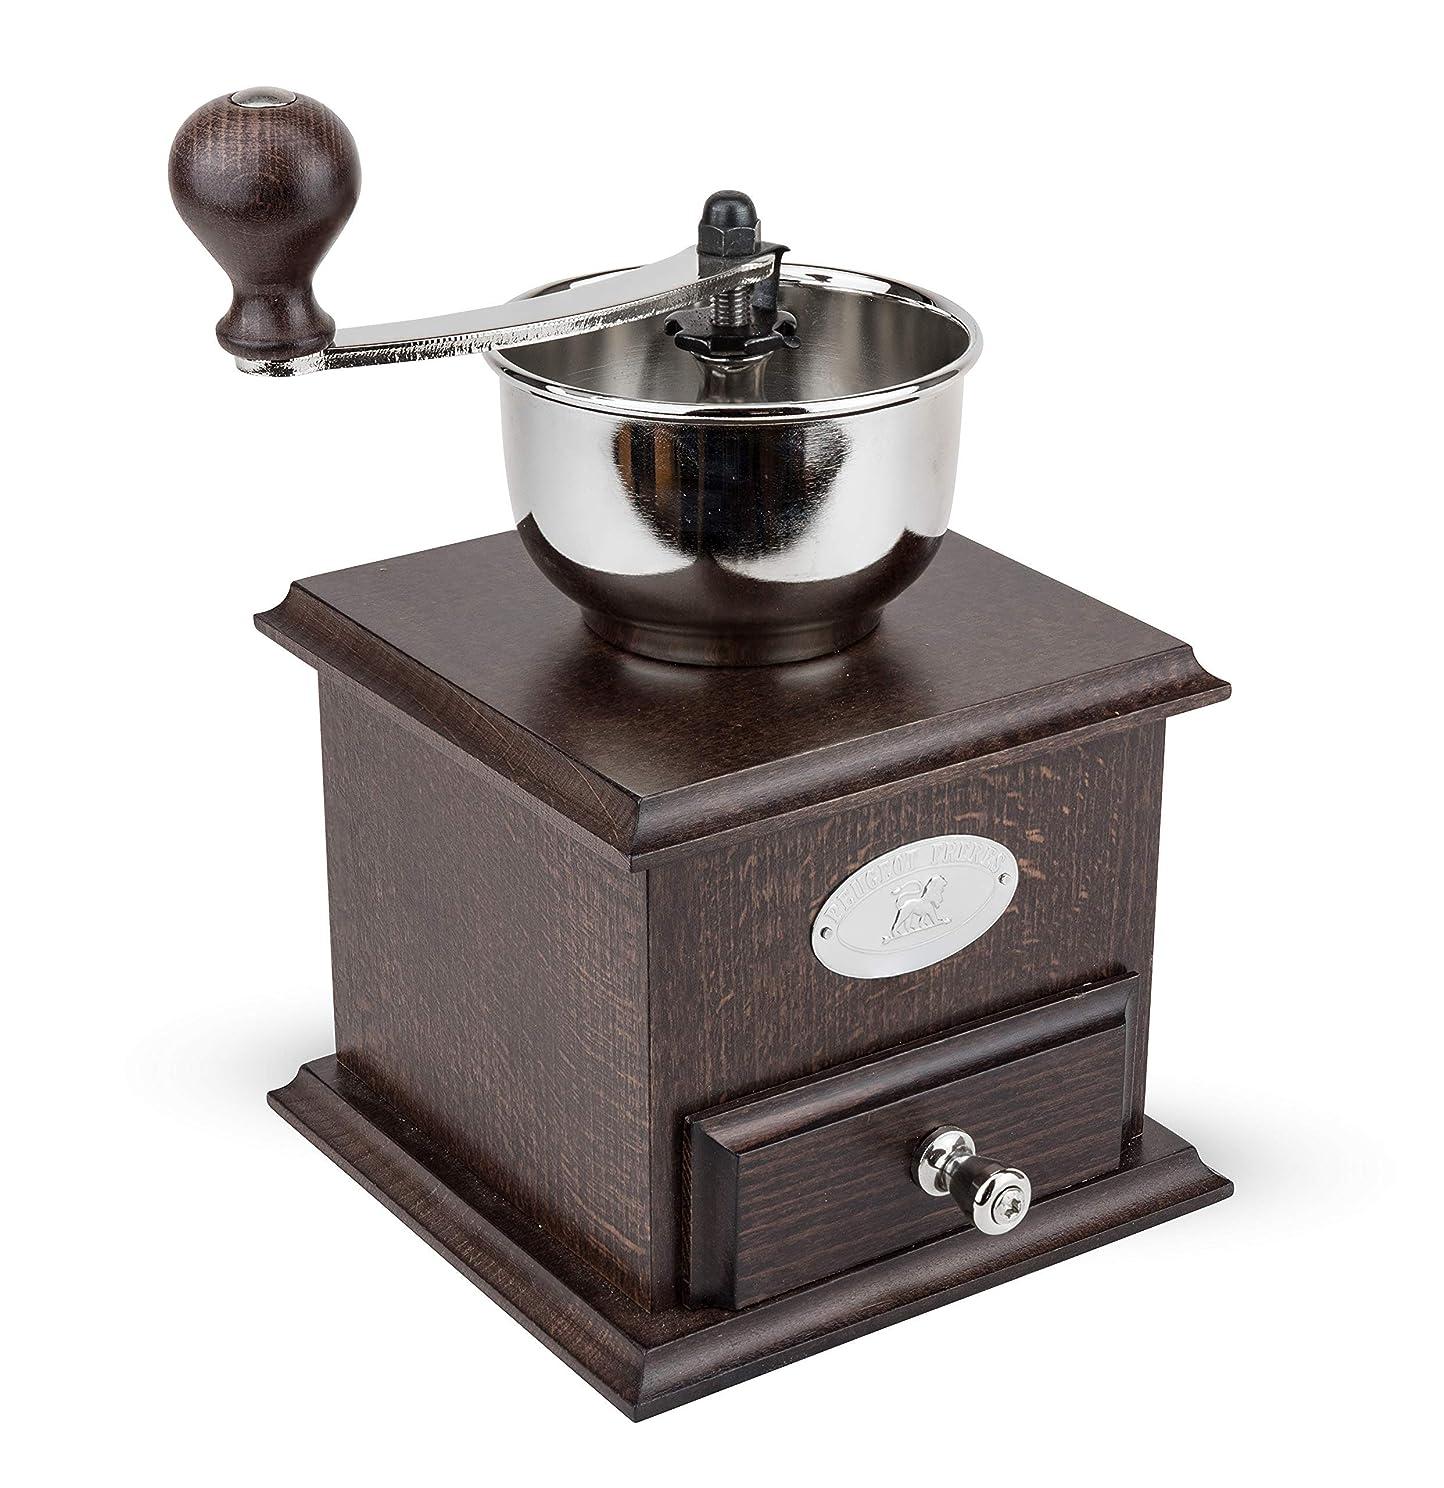 無条件変装した折るプジョー PEUGEOT コーヒーミル 手挽き 粗さ調節 豆容量 25g 22cm 茶木 ブラジル 19401765